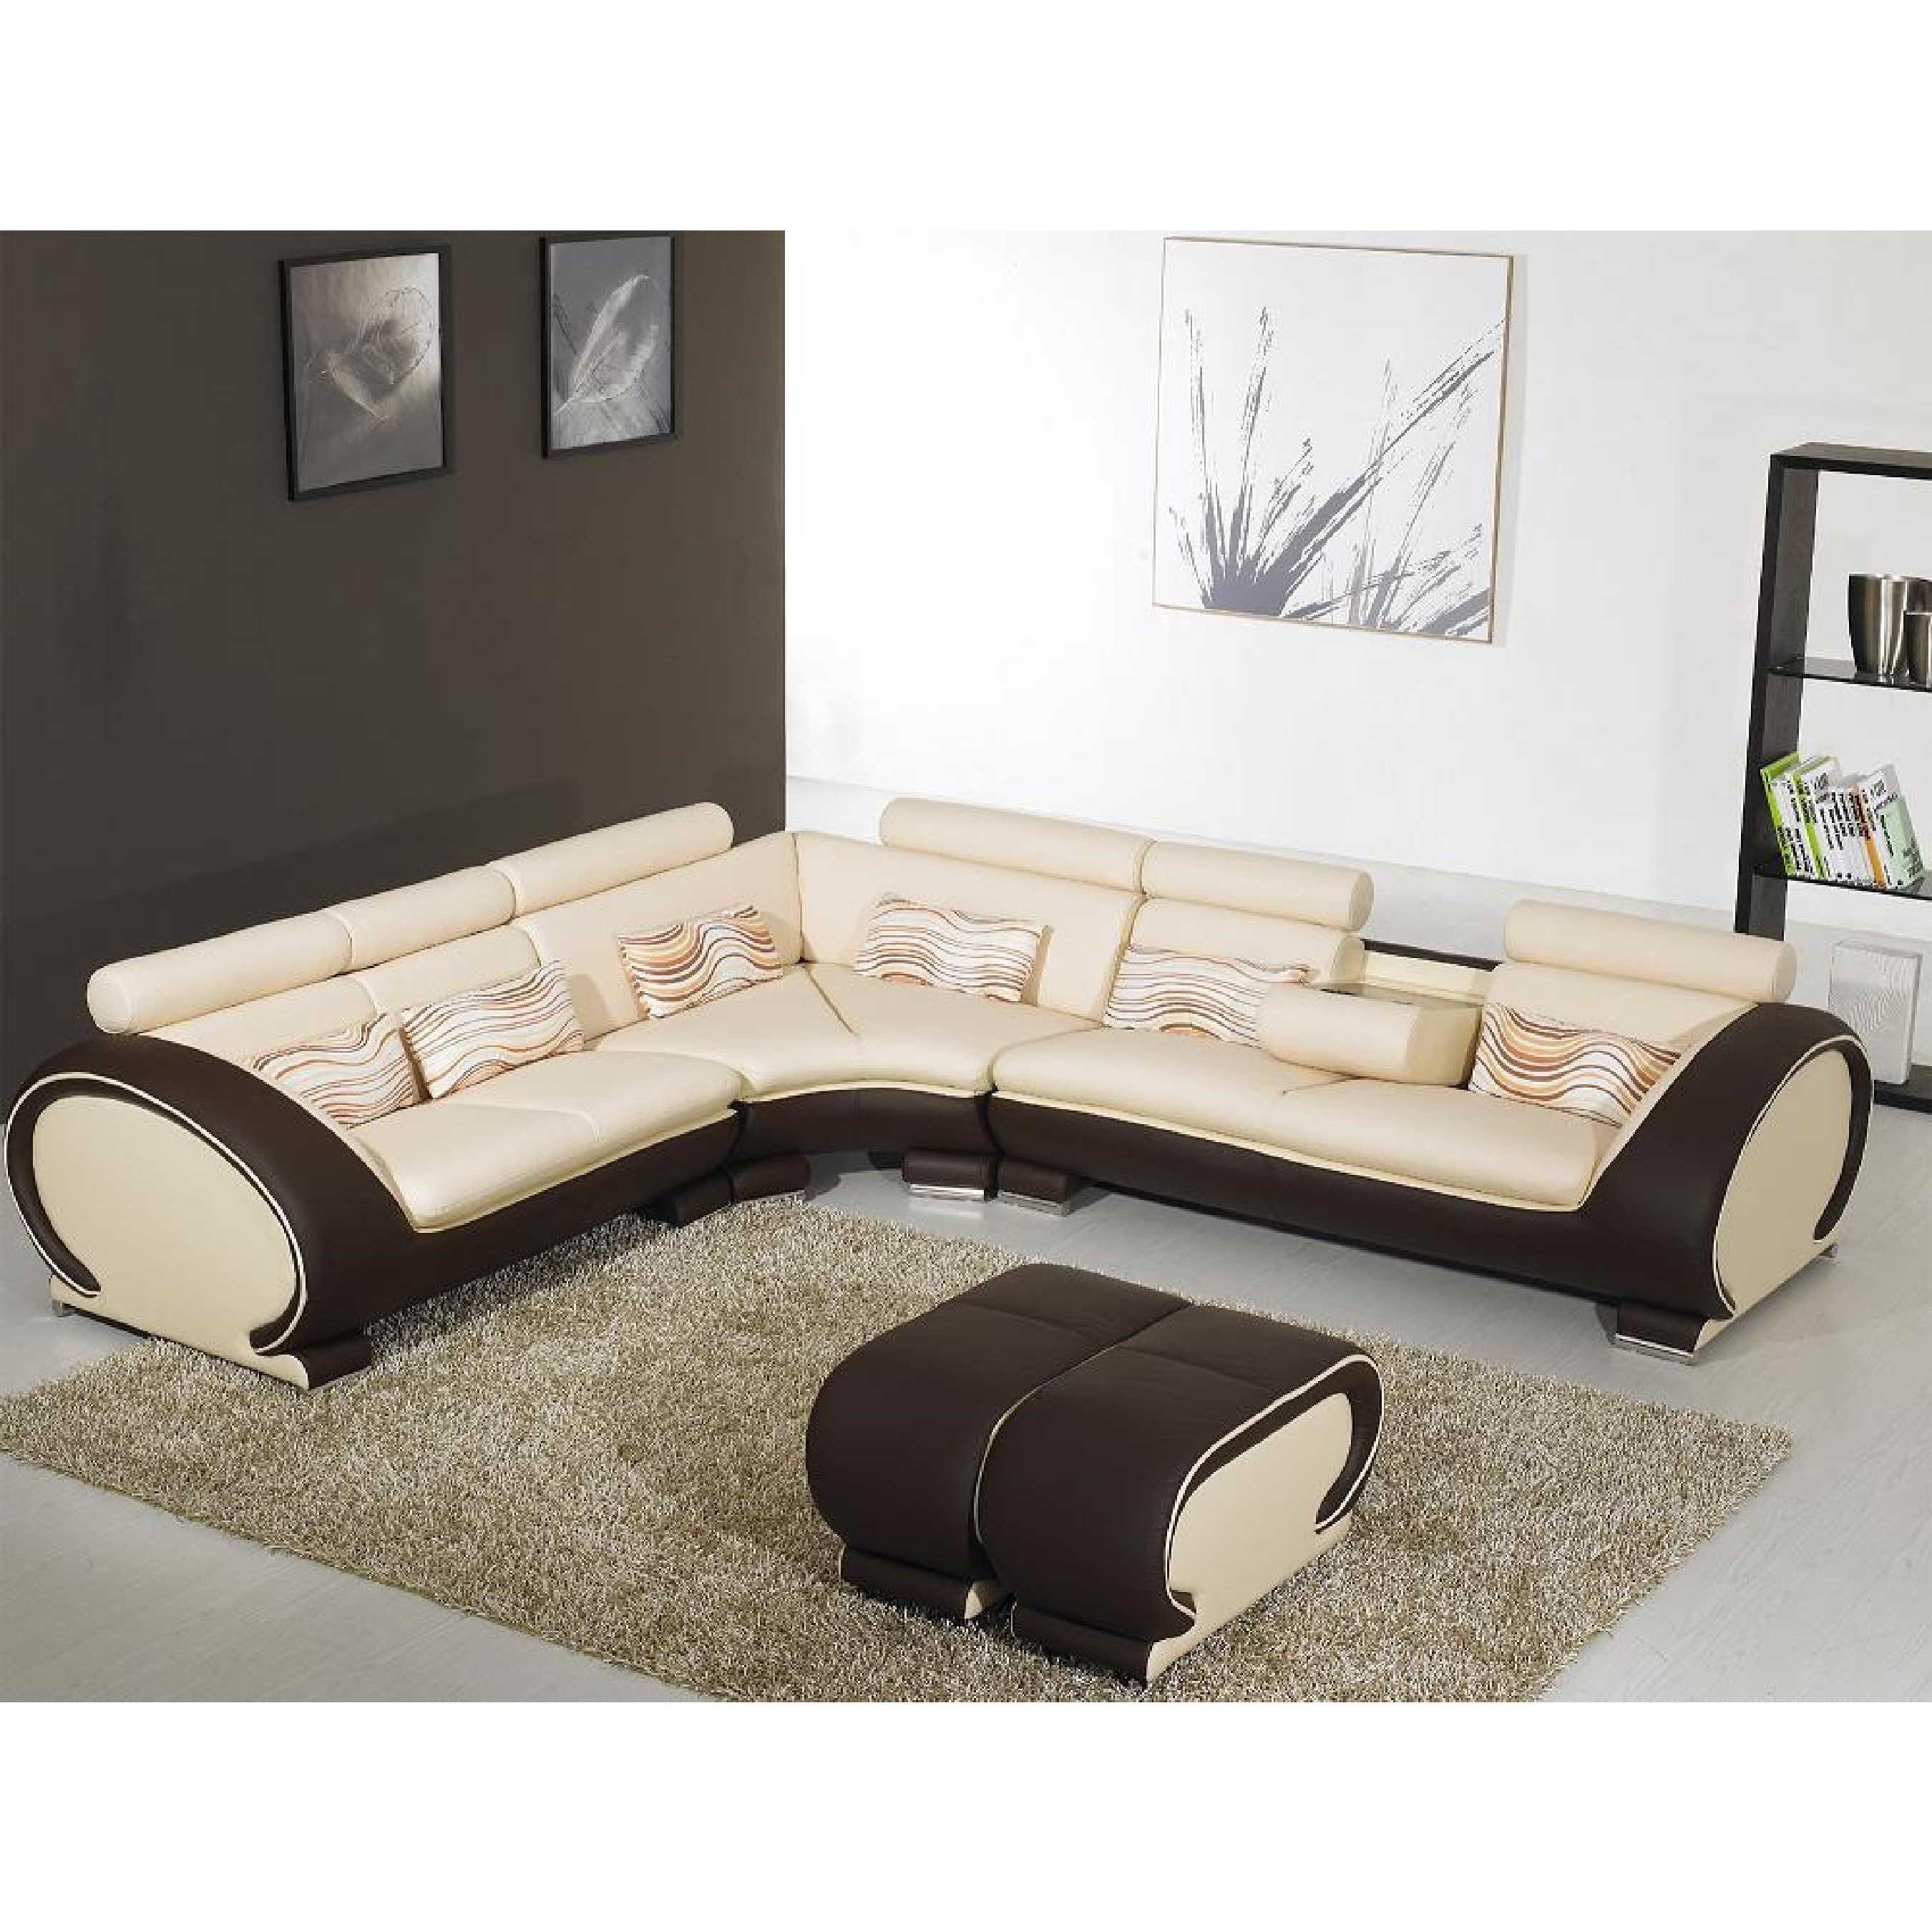 2017 Latest Unique Corner Sofas